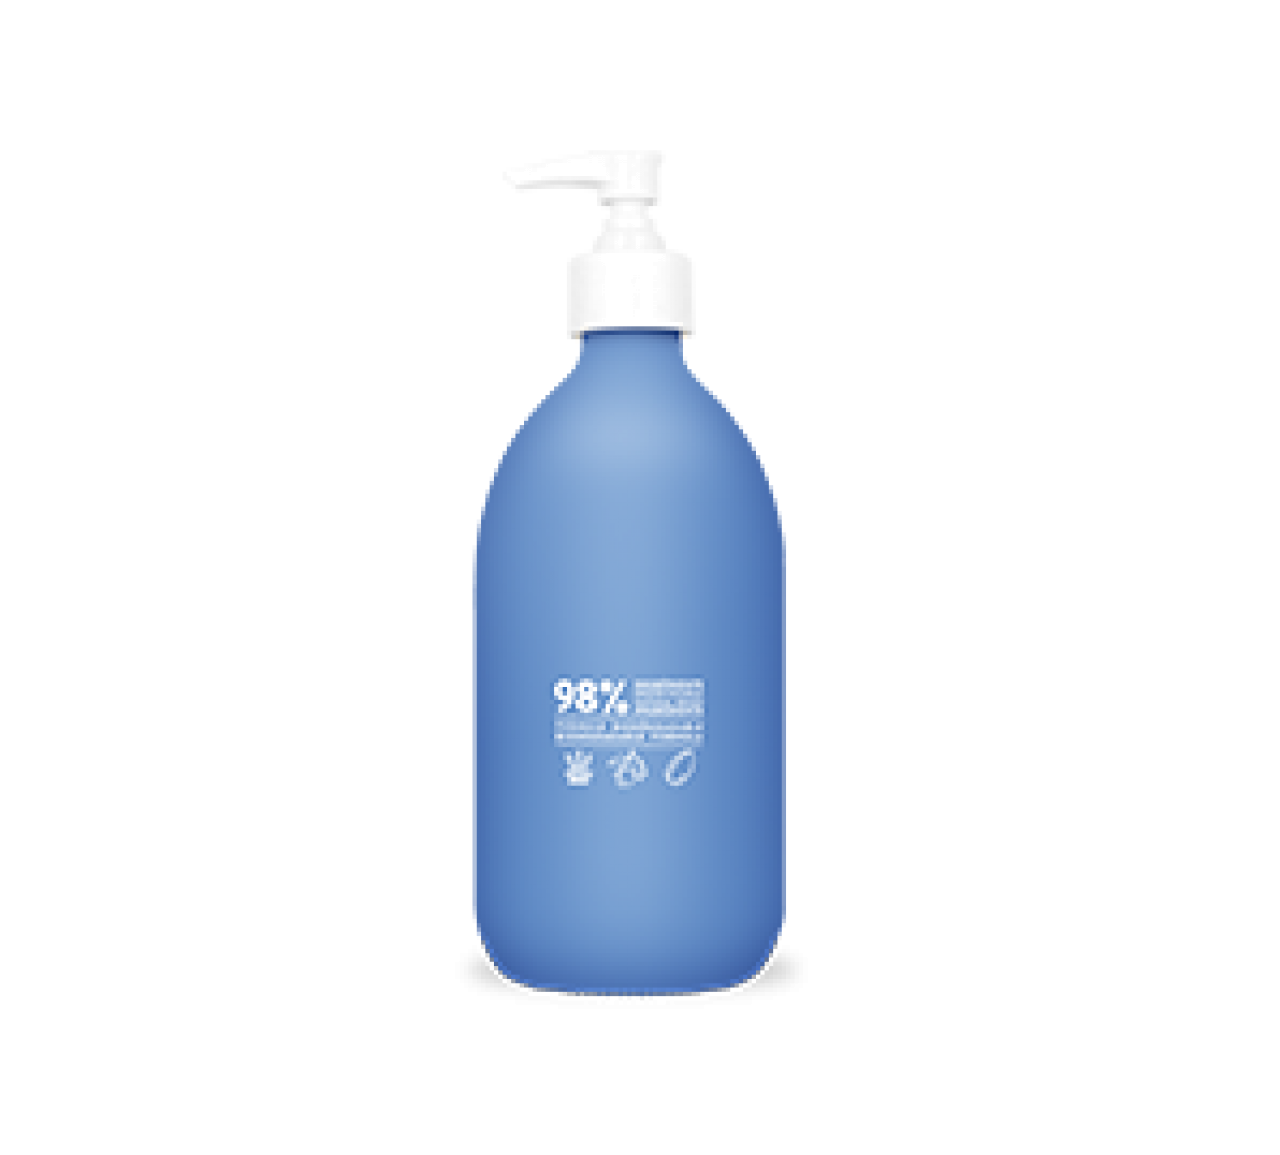 Sapone Liquido di Marsiglia Idratante alle Alghe Vellutate 500ml Compagnie de Provence Italia CPPF0115SL500AV-01